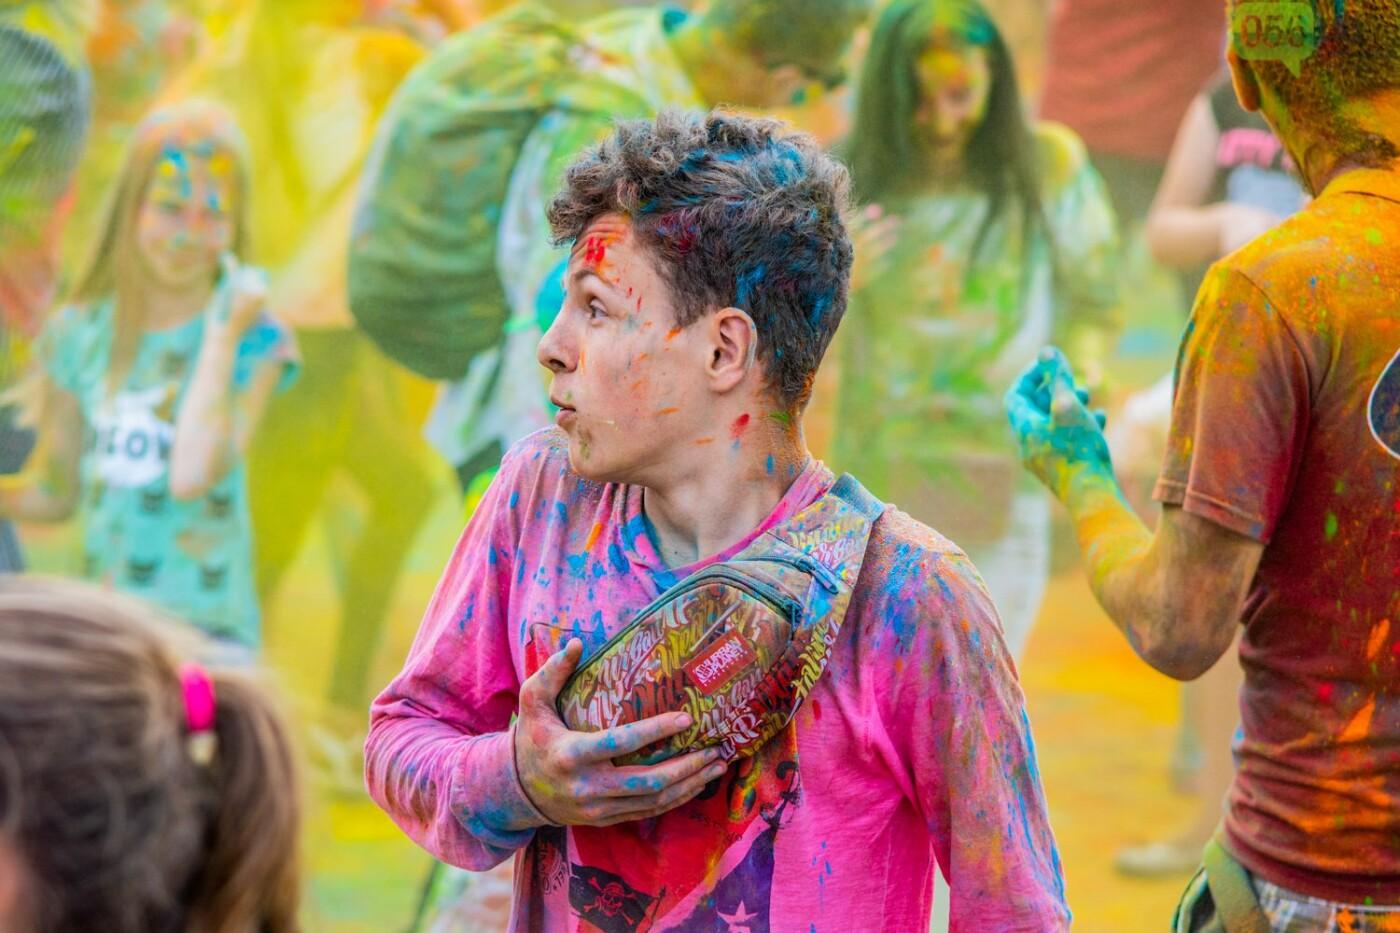 Фестиваль красок и свадьбы: как в Днепре прошел День молодежи, - ФОТОРЕПОРТАЖ, ВИДЕО, фото-9